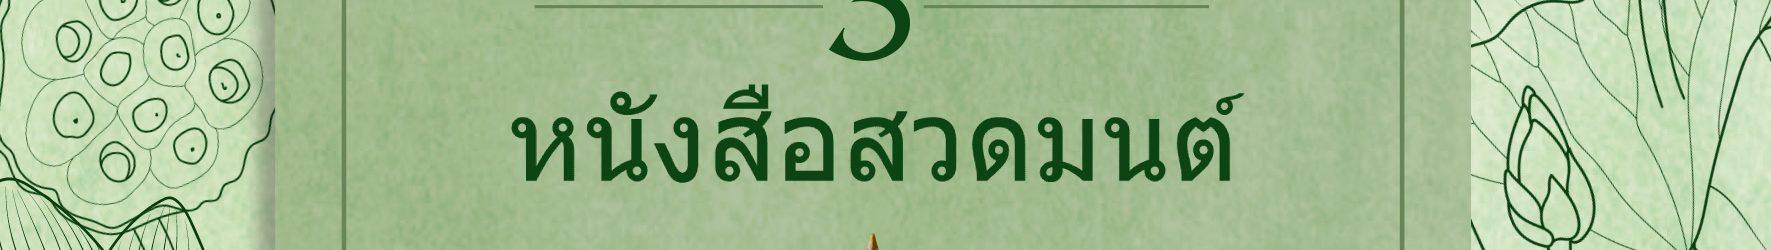 Preghiere Buddhiste 3